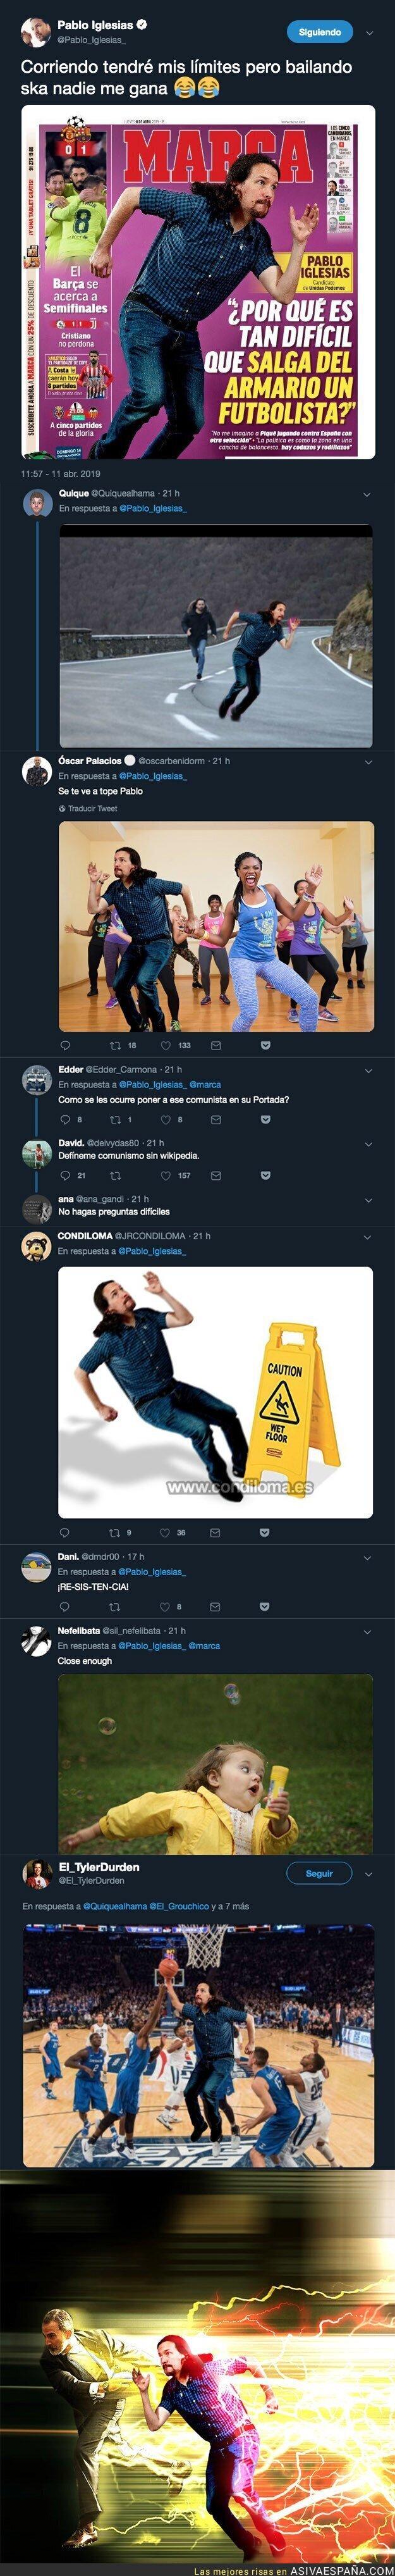 108883 - MARCA le dedica la portada a Pablo Iglesias y todo Twitter se encarga de responder con ingenio